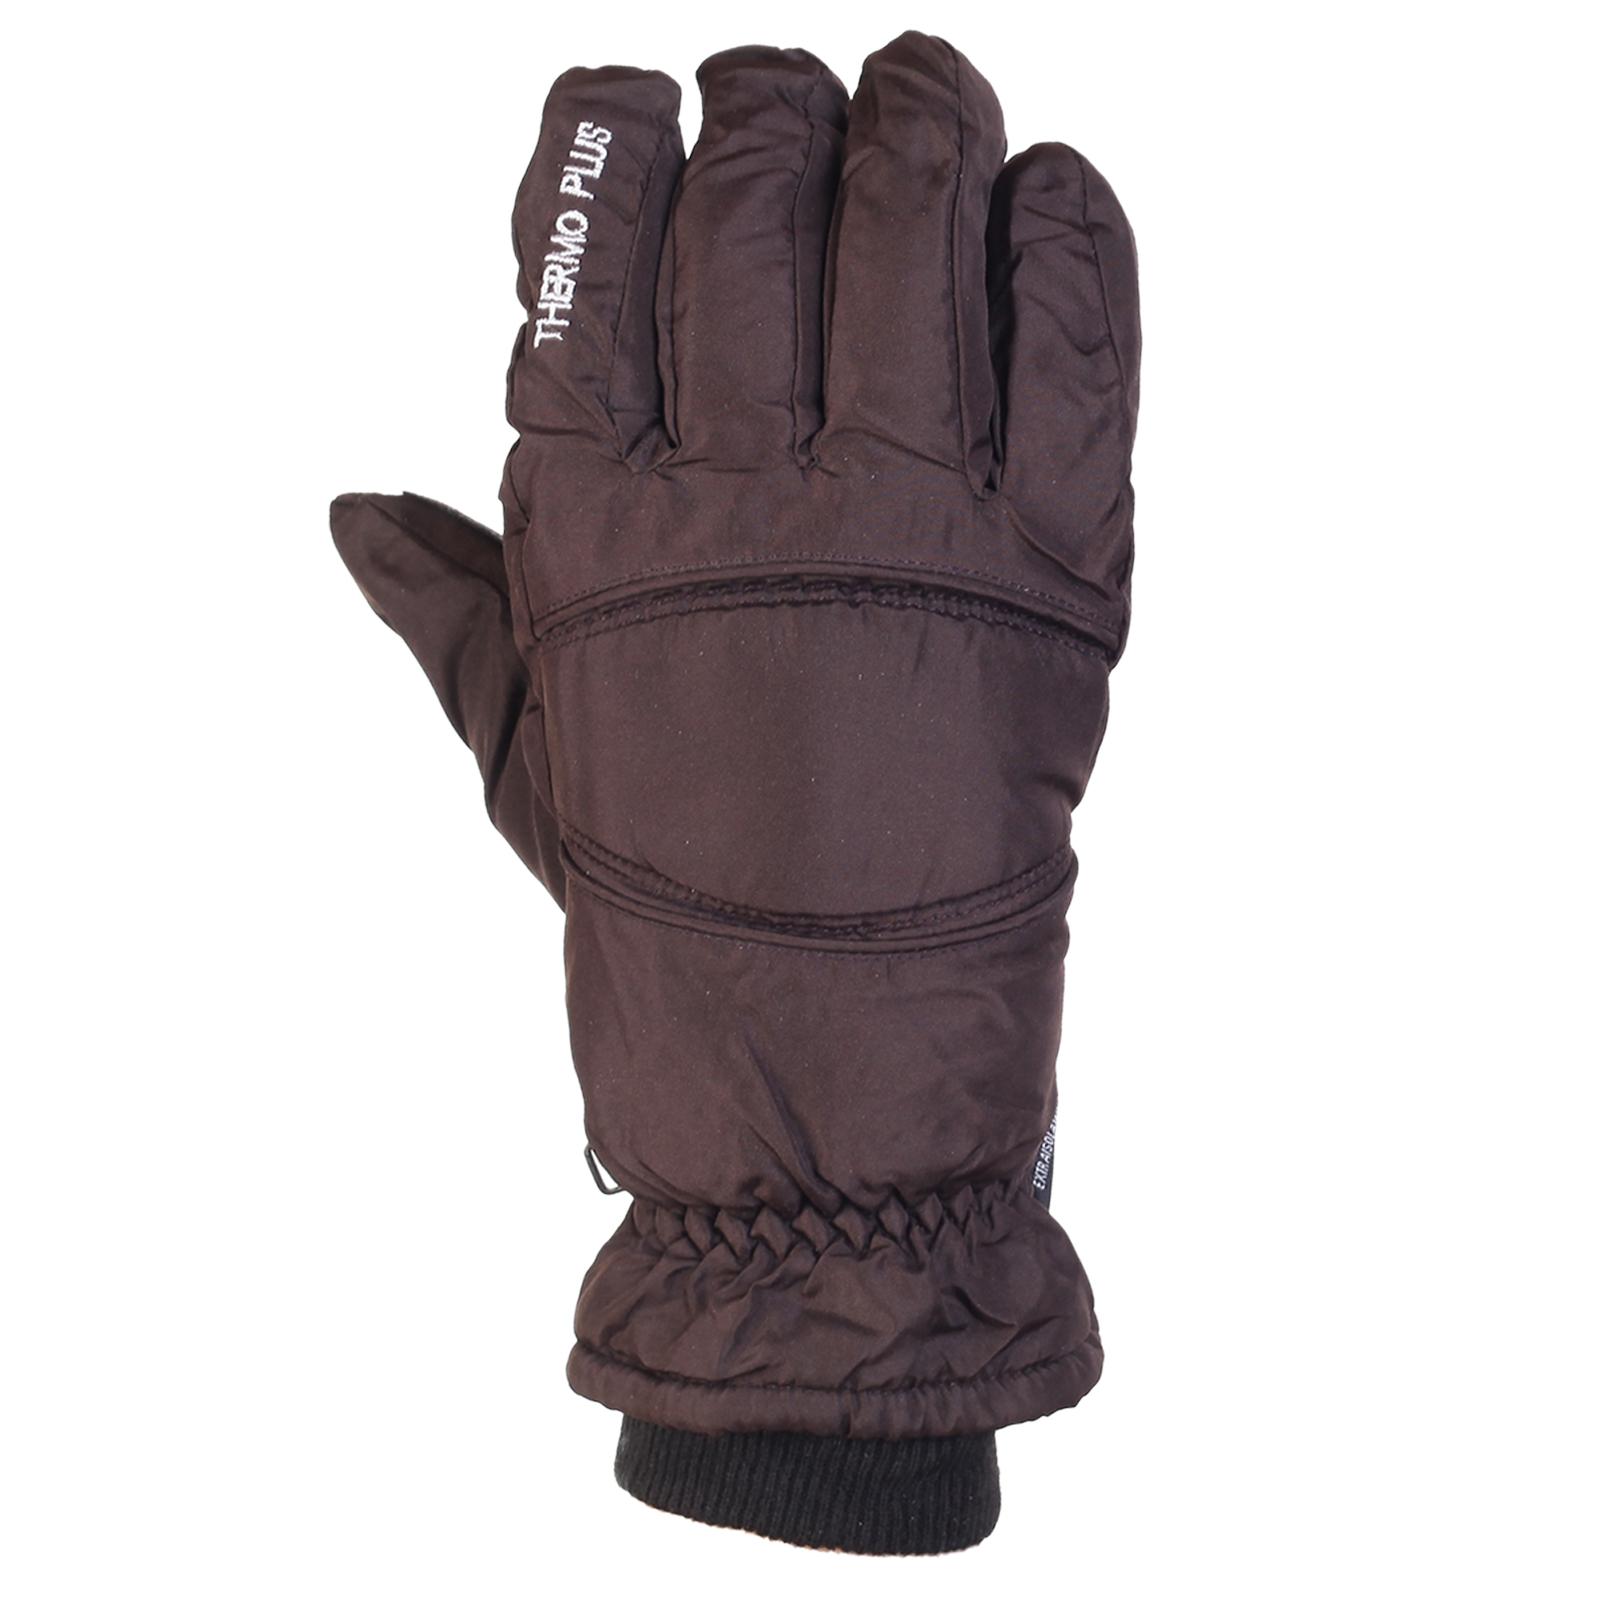 Купить теплые зимние перчатки для горнолыжного спорта